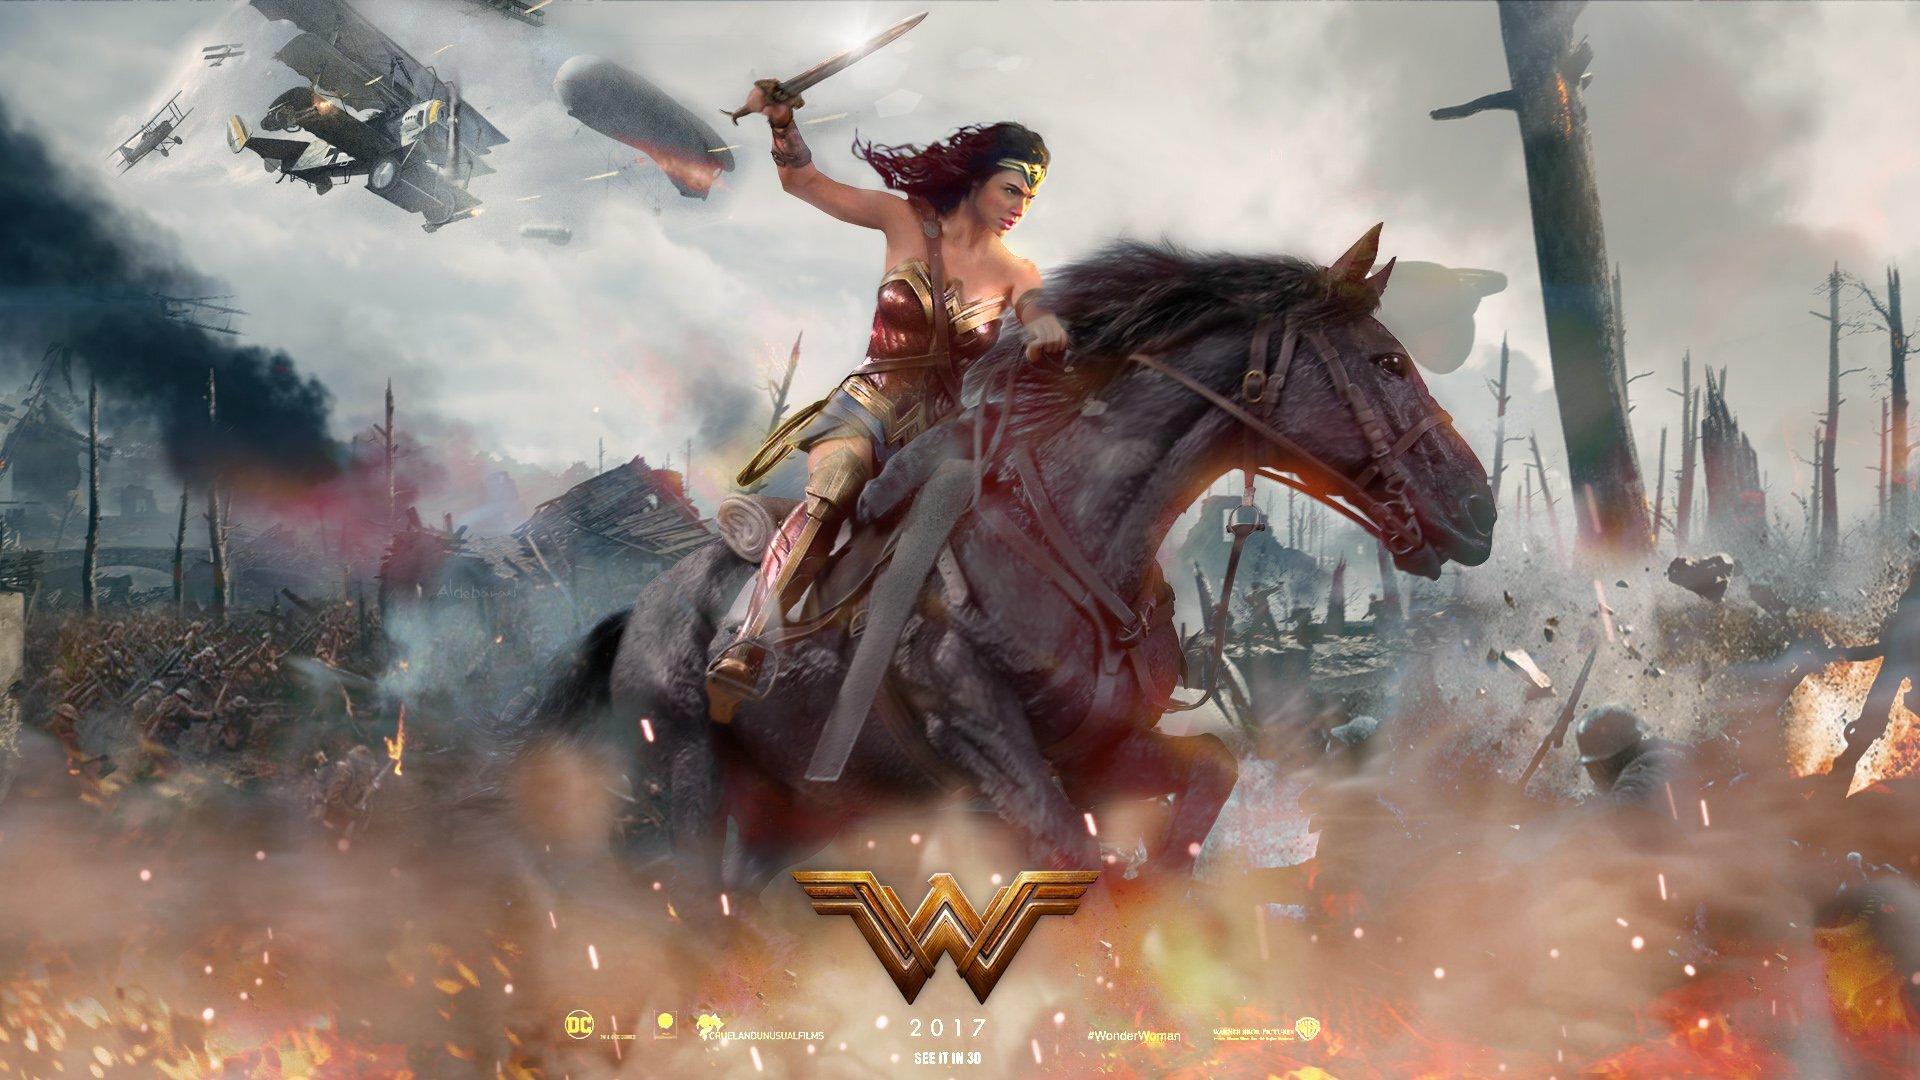 2017 Wonder Woman Wallpapers: 1920x1080 2017 Wonder Woman Movie Fan Art Laptop Full HD